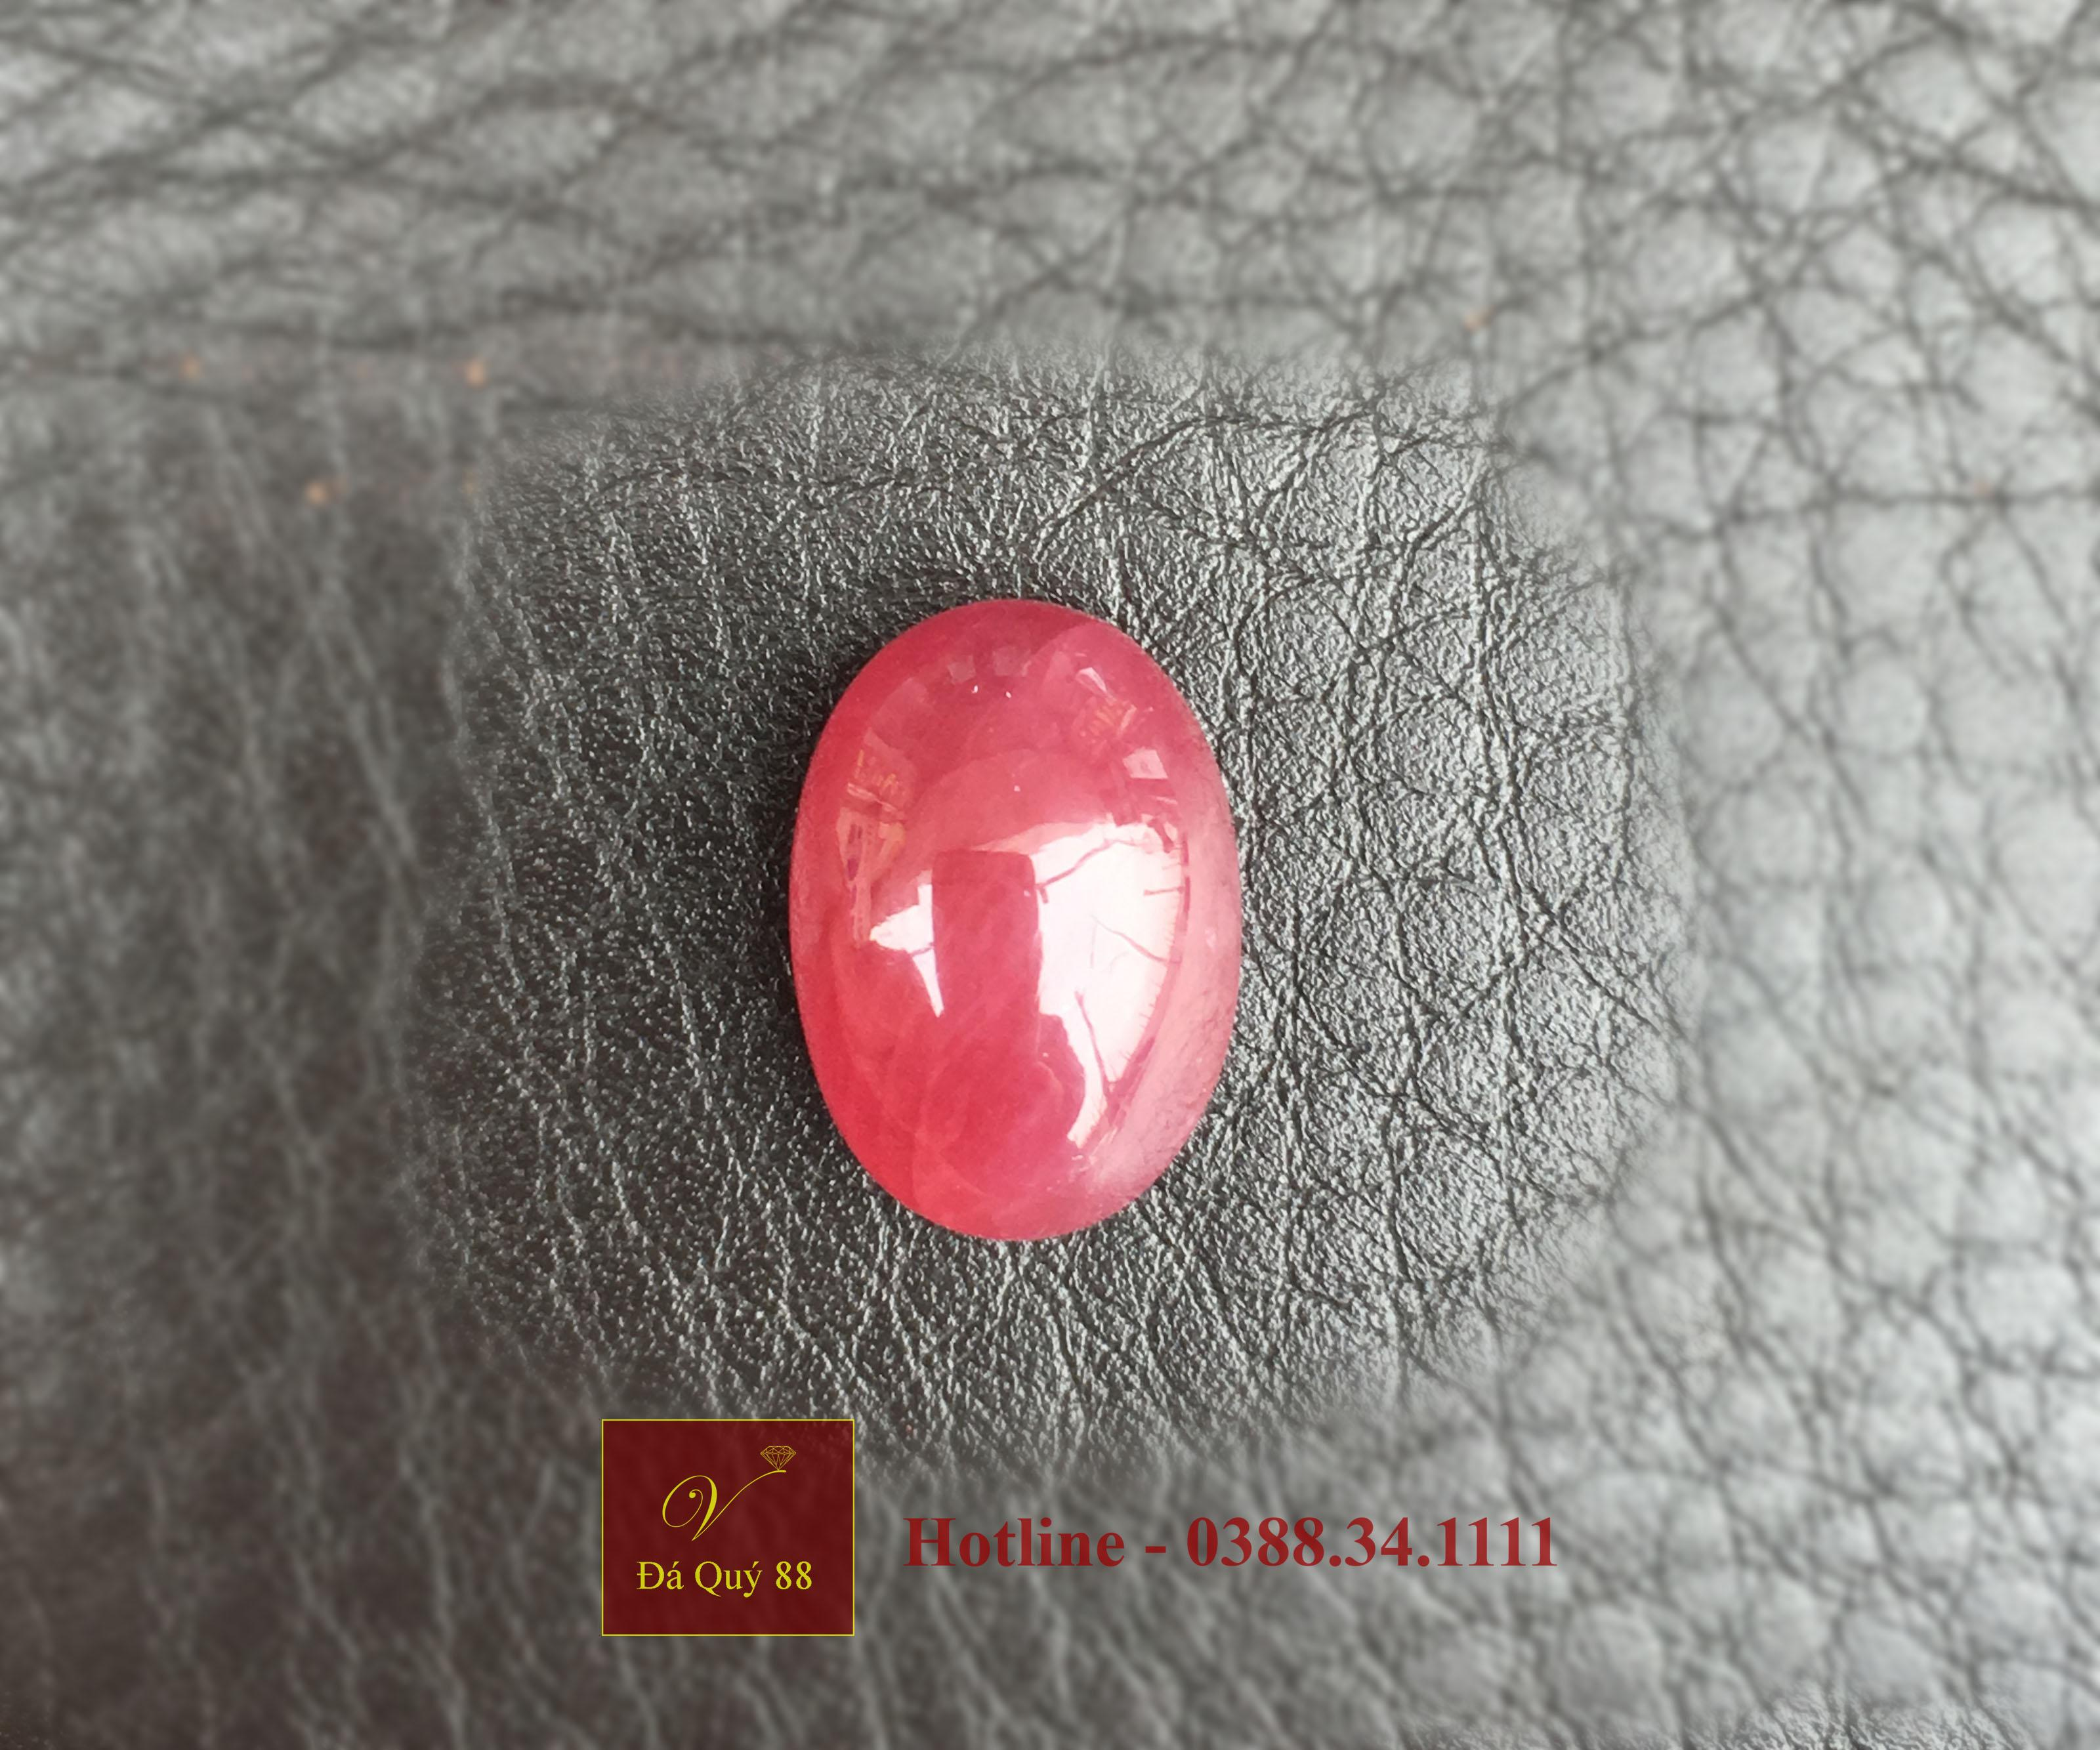 Viên Đá Ruby Tự Nhiên Yên Bái Đỏ Đậm 11,23ct Ép Vỉ Kiểm Định Niêm Phong